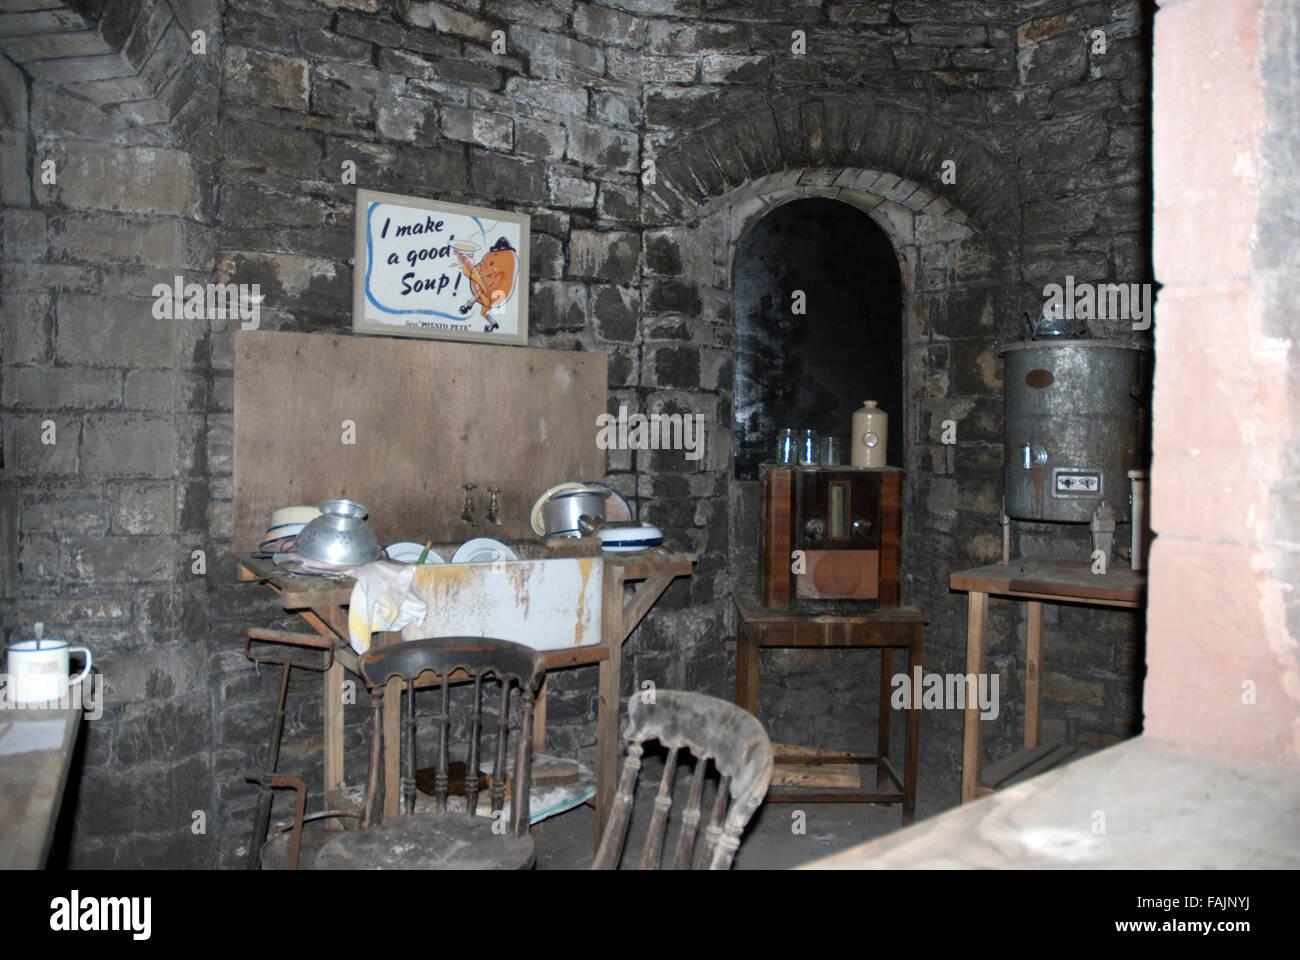 The Wartime Kitchen And Garden Wartime Kitchen Stock Photos Wartime Kitchen Stock Images Alamy